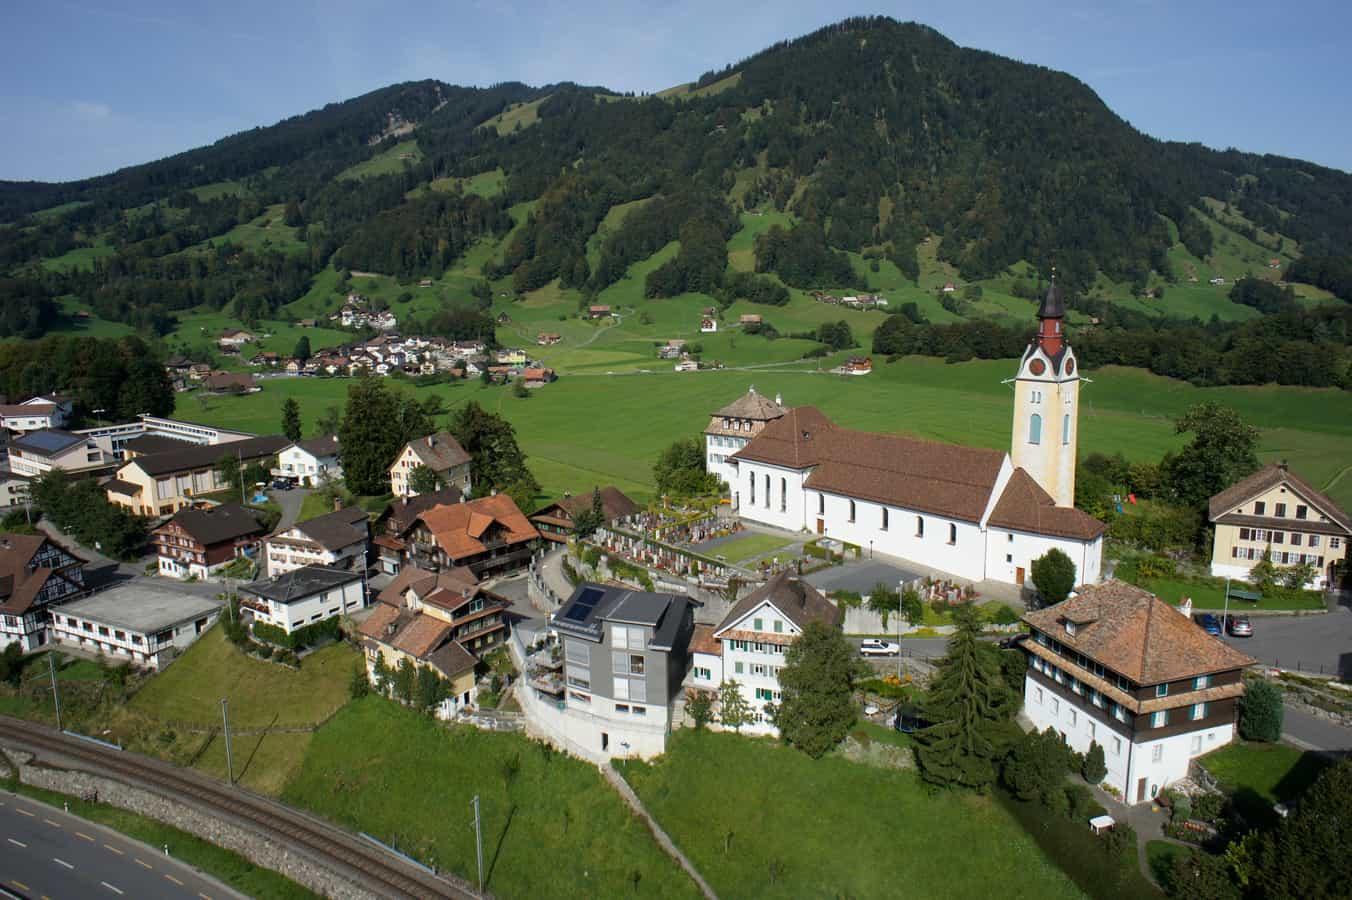 Dorf Sattel Luftaufnahme 2011